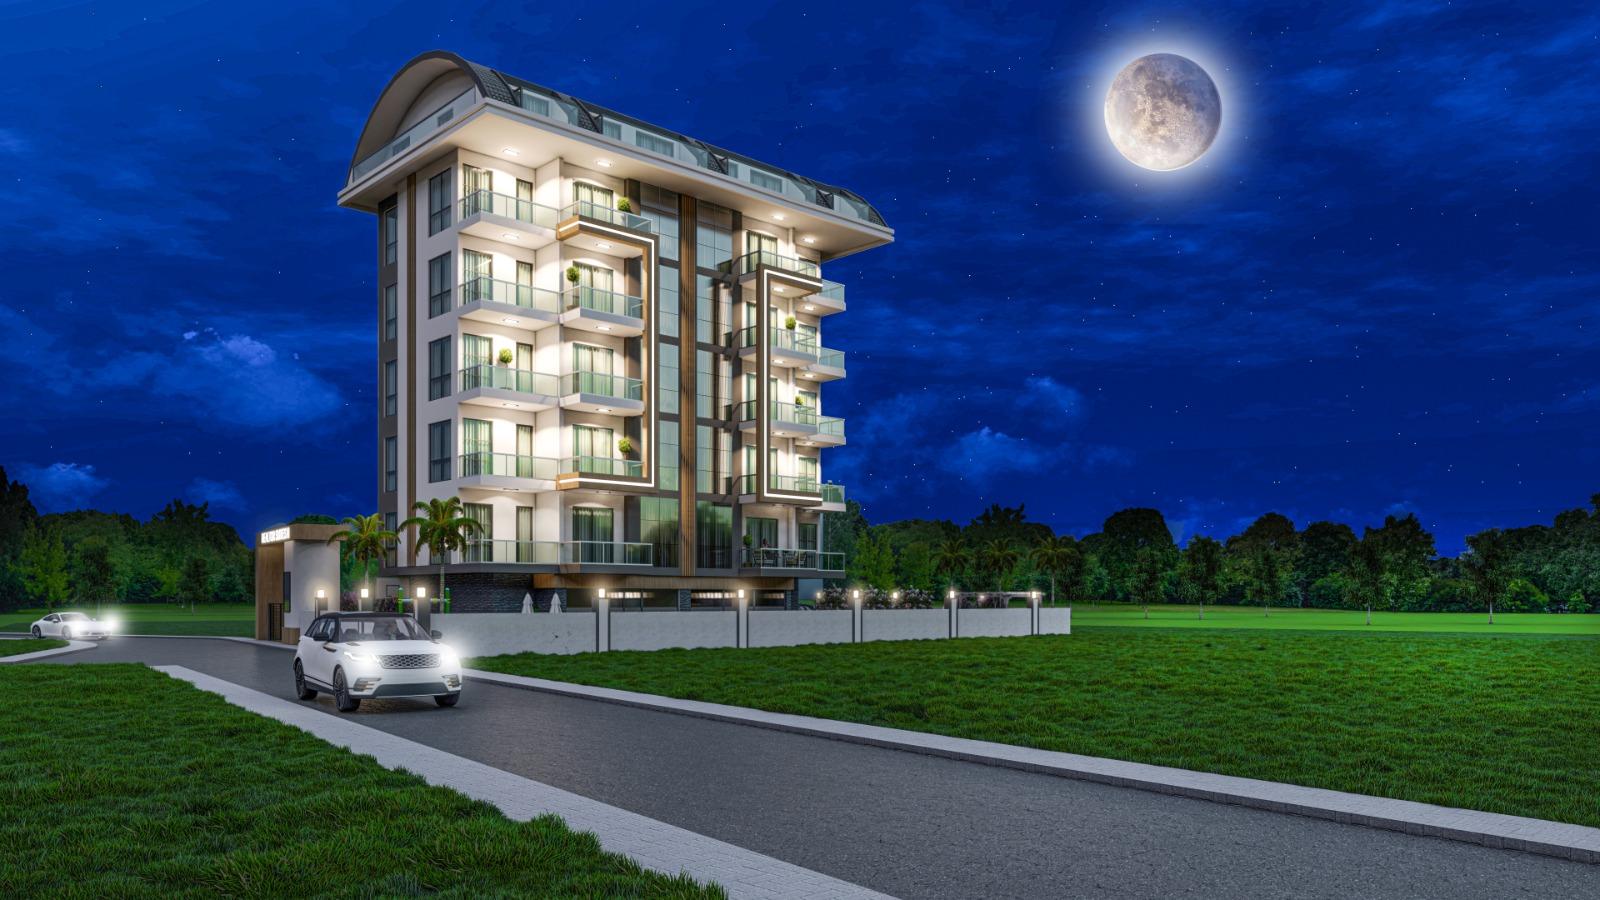 Новые квартиры по приемлемым ценам в строящемся комплексе - Фото 6